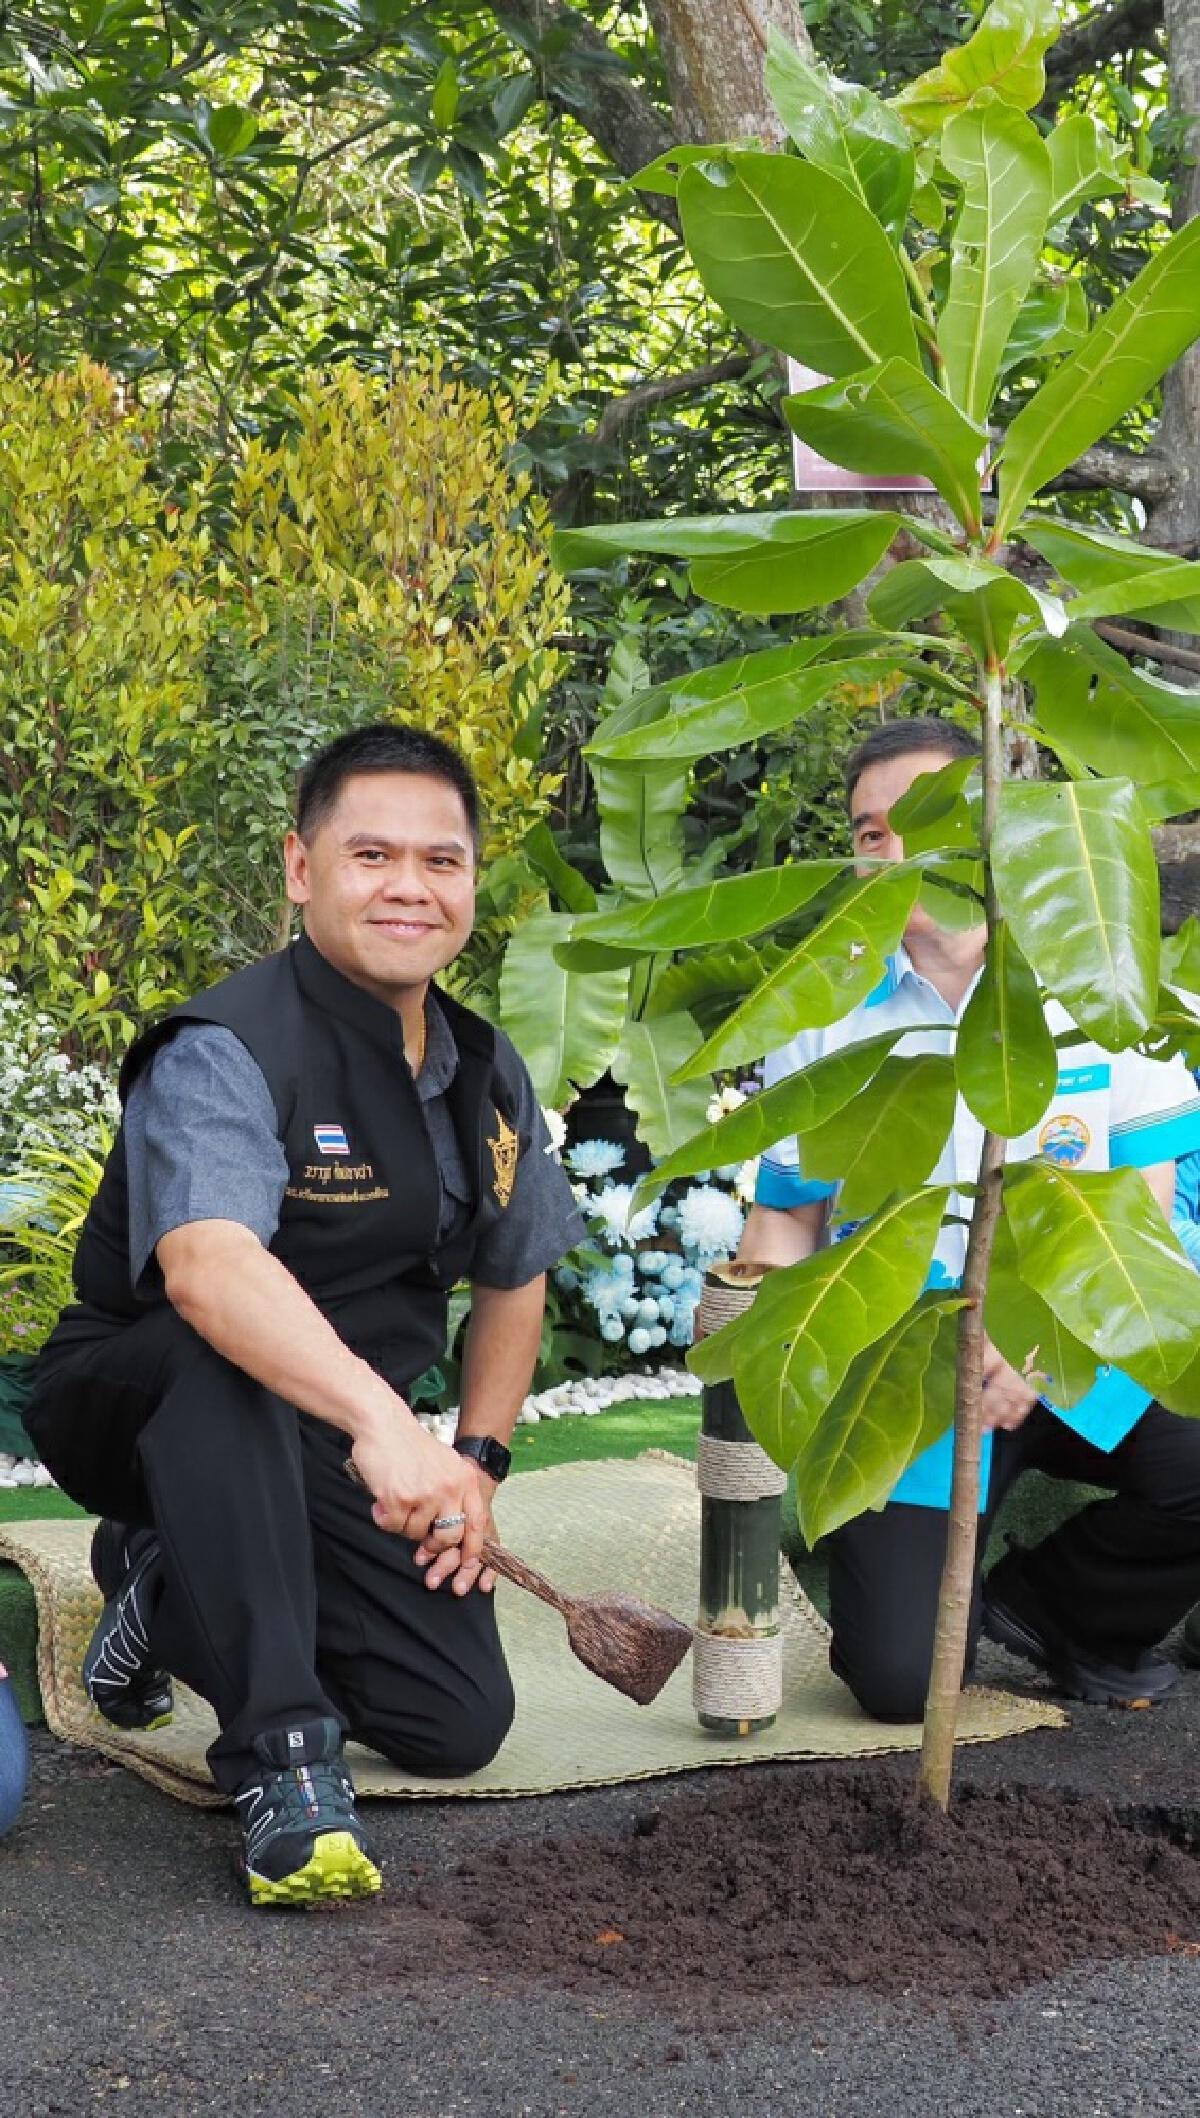 """""""วราวุธ"""" เปิดโครงการป่าชายเลนในเมือง สวนป่าประชารัฐ เพื่อความสุขของคนไทย"""